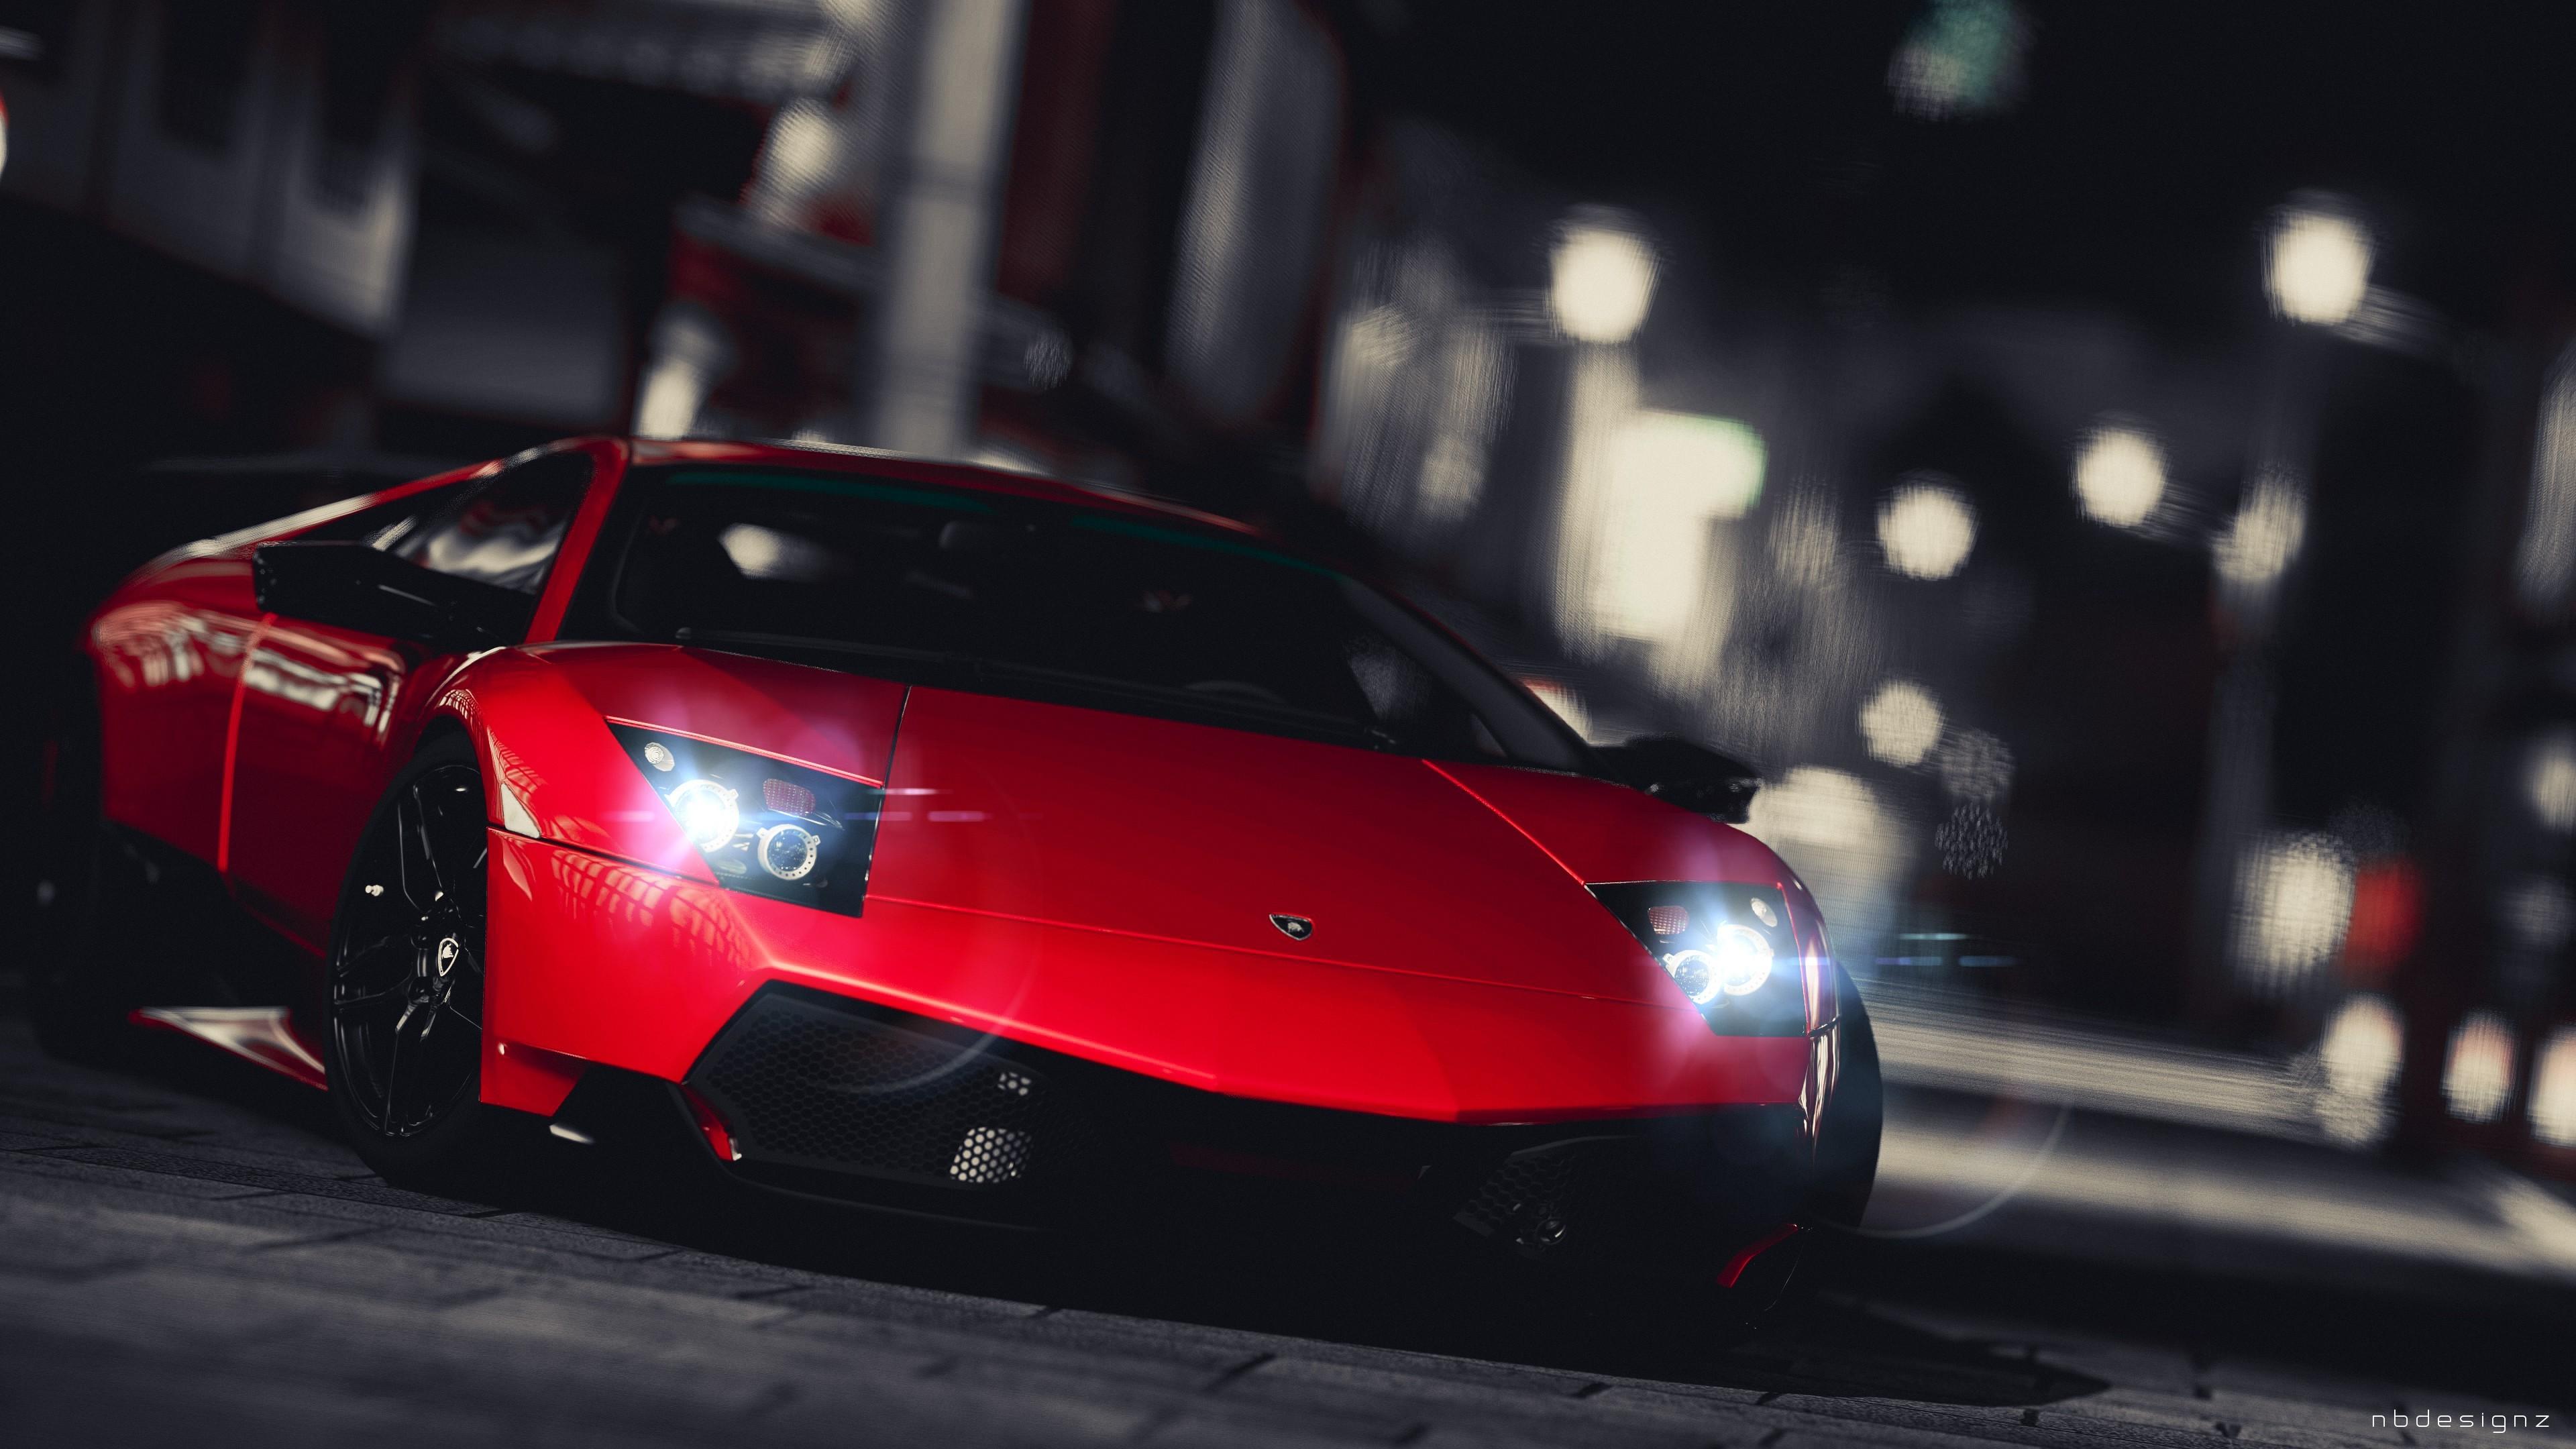 Lamborghini Murcielago Lp 670 4 Sv 4k Hd Cars 4k Wallpapers